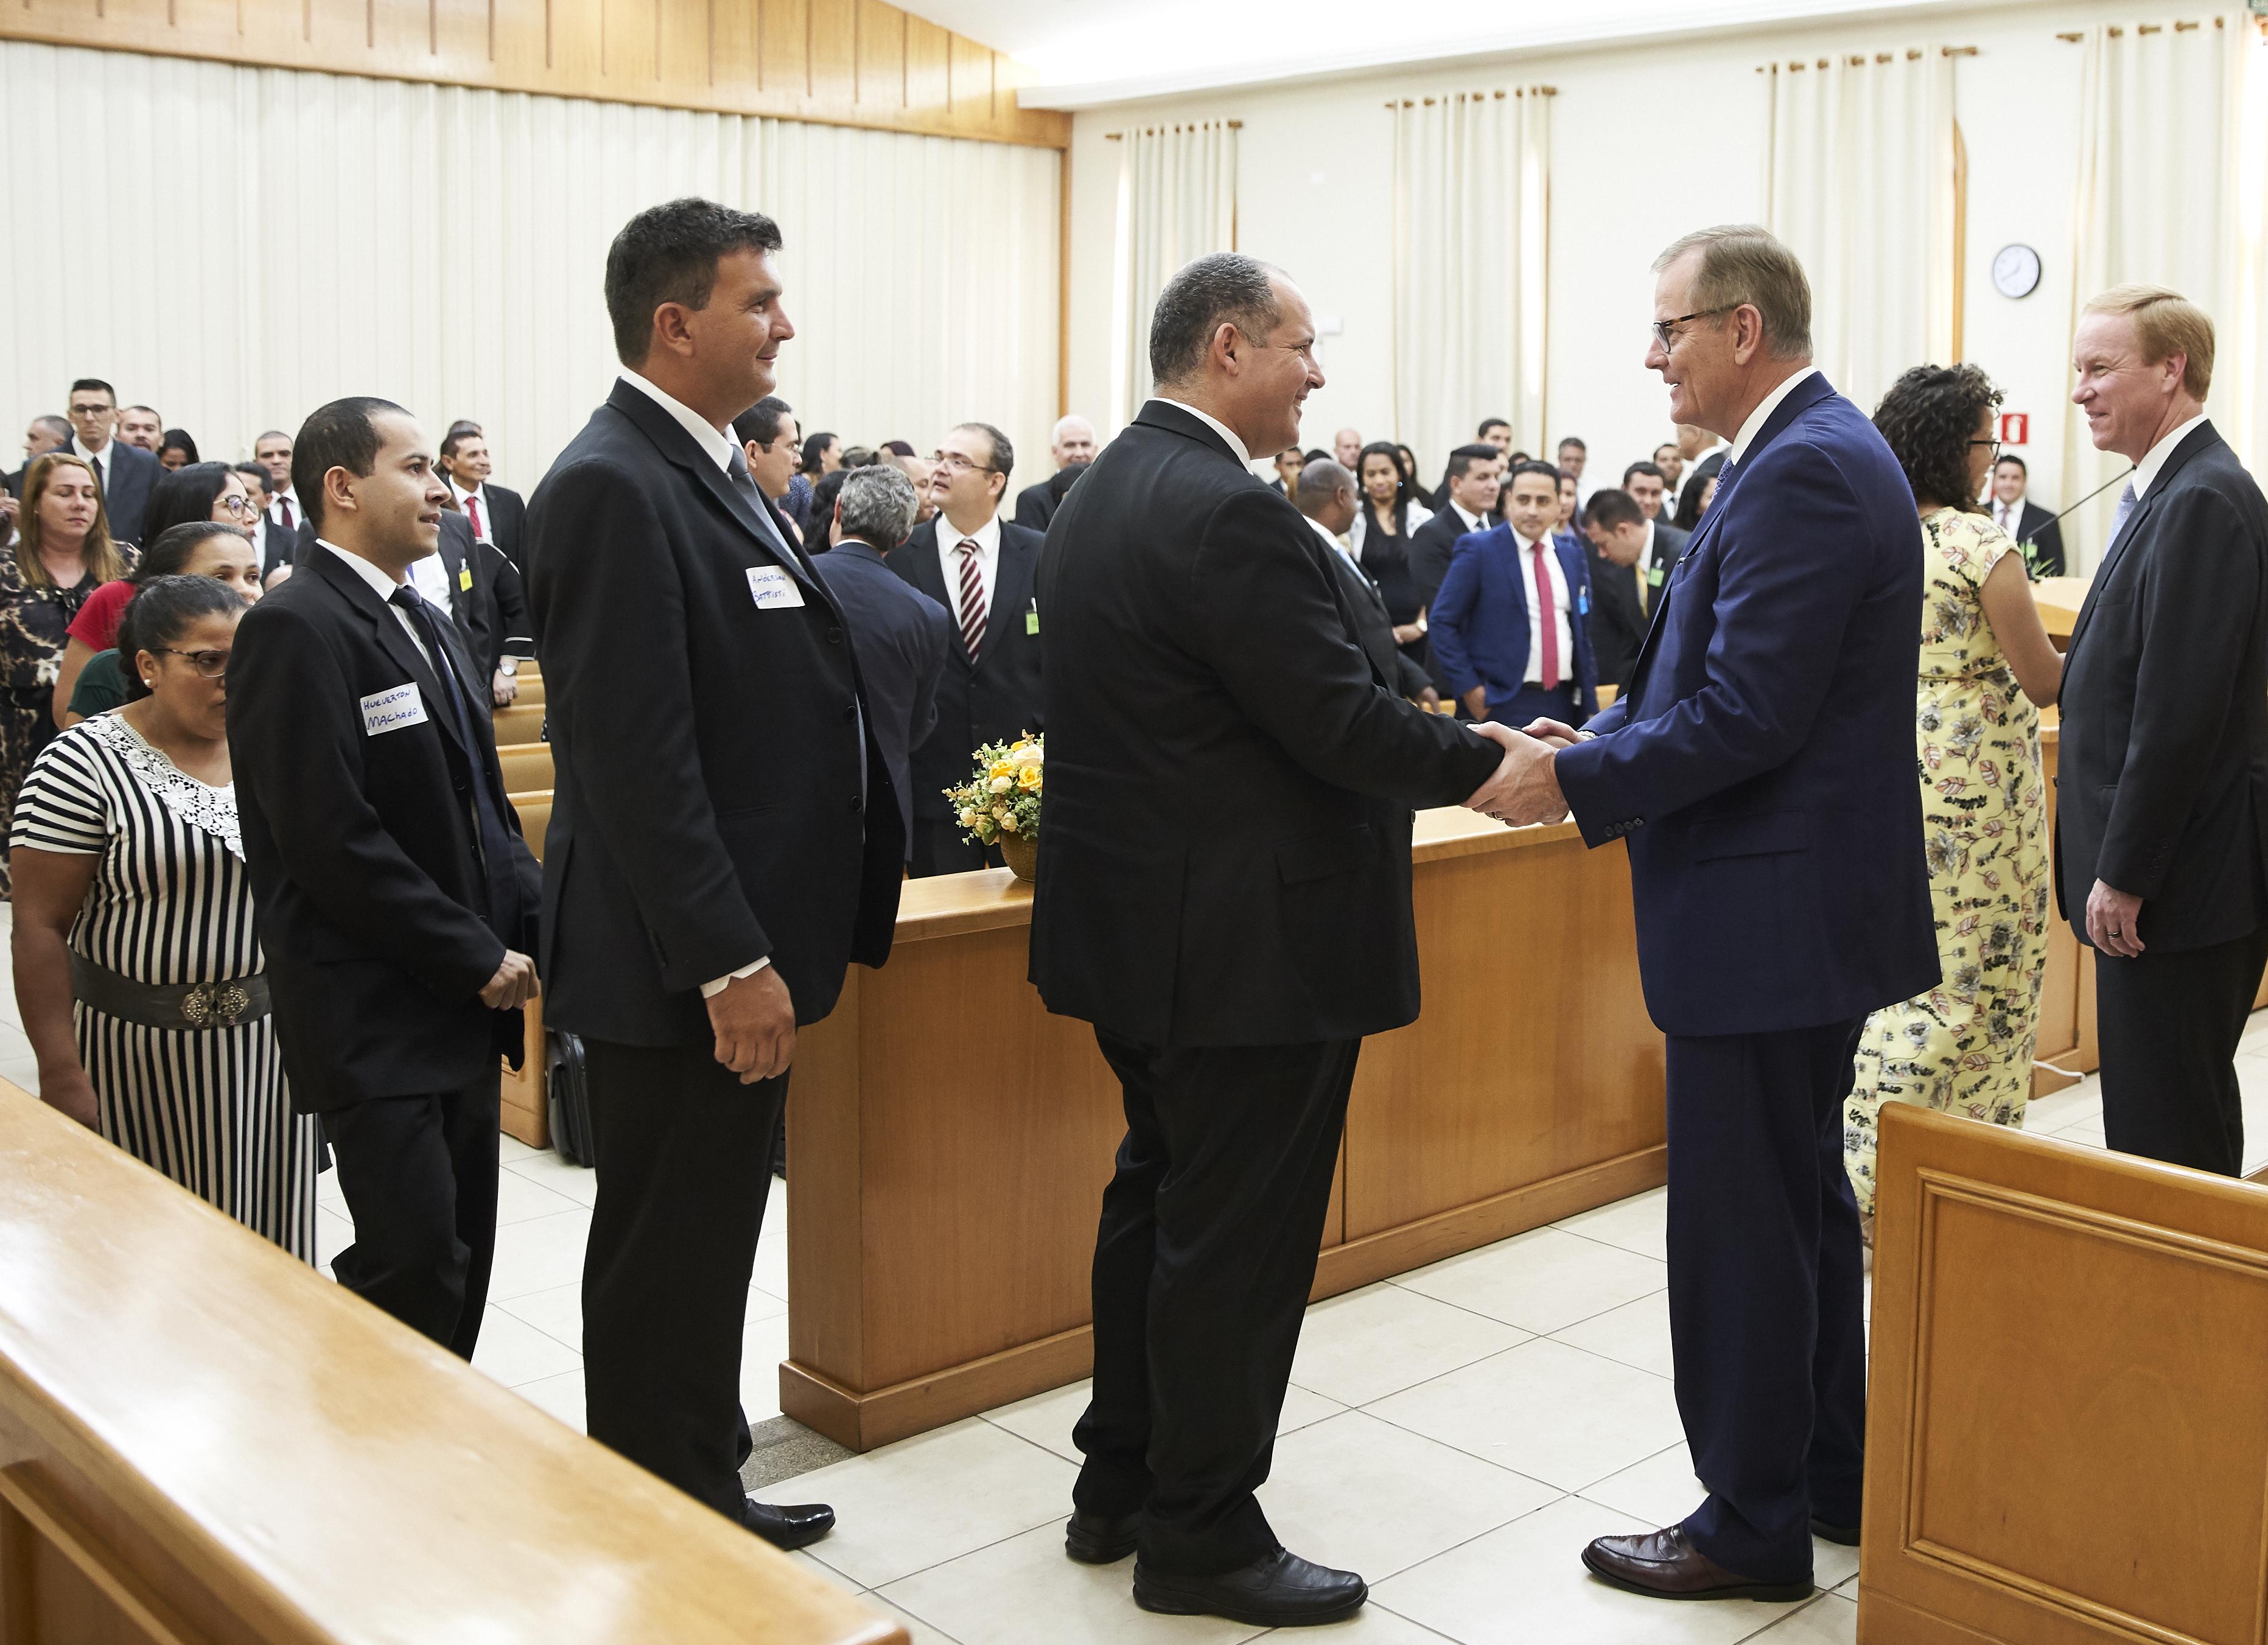 Elder Gary E. Stevenson and Elder W. Mark Bassett greet members at a leadership conference in Cuiaba, Brazil.